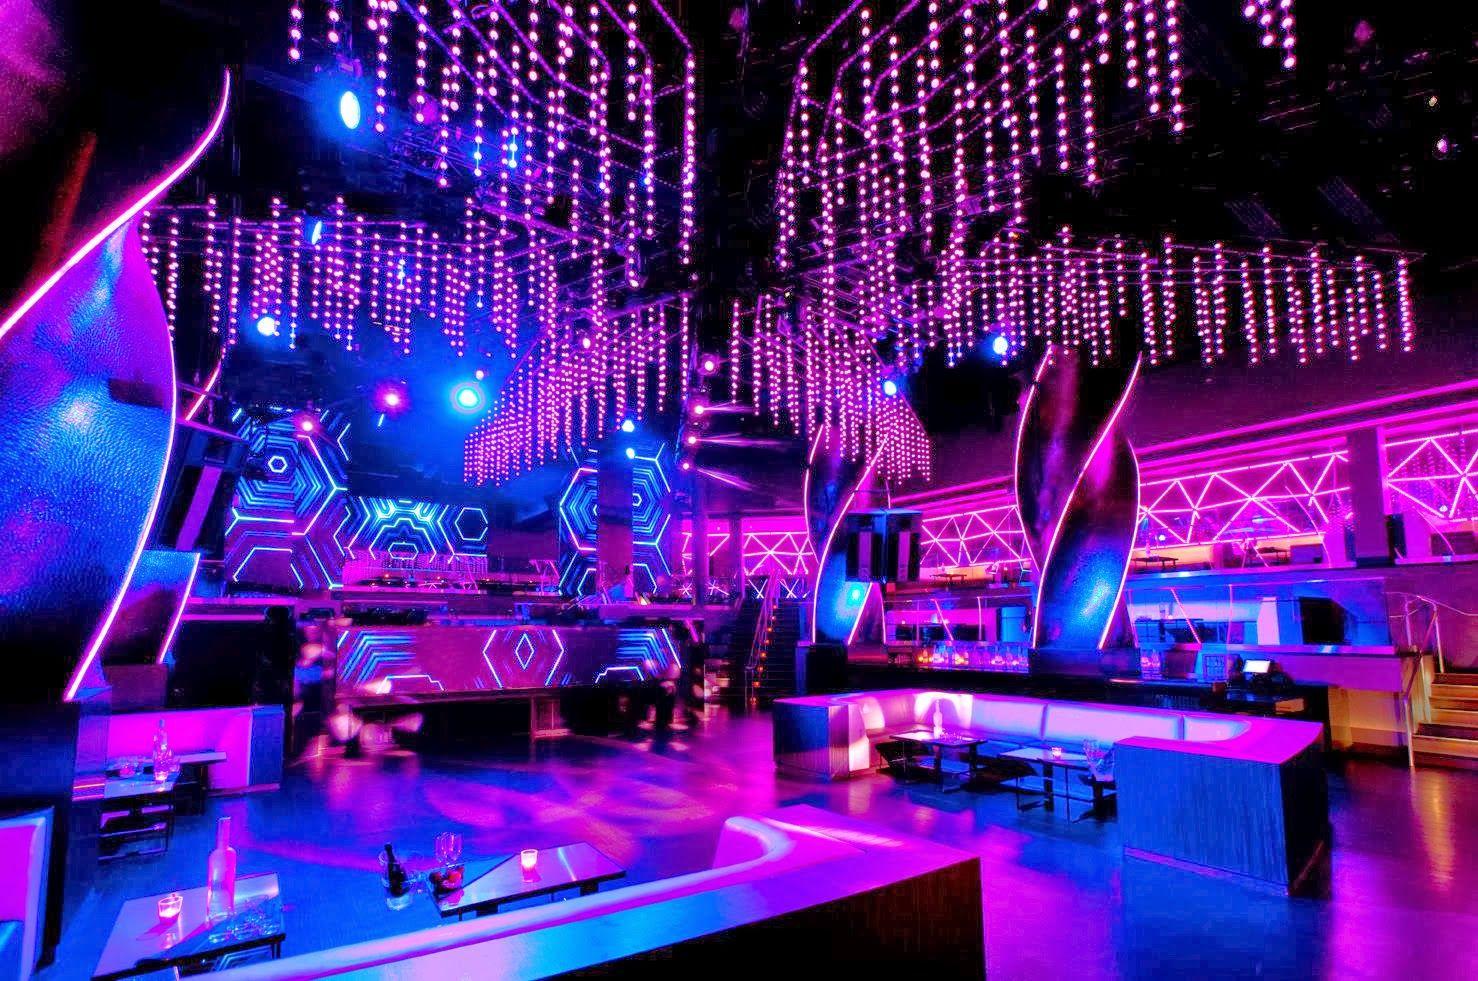 Miami Night Clubs Story Nightclub 1024x679 Nightclubs